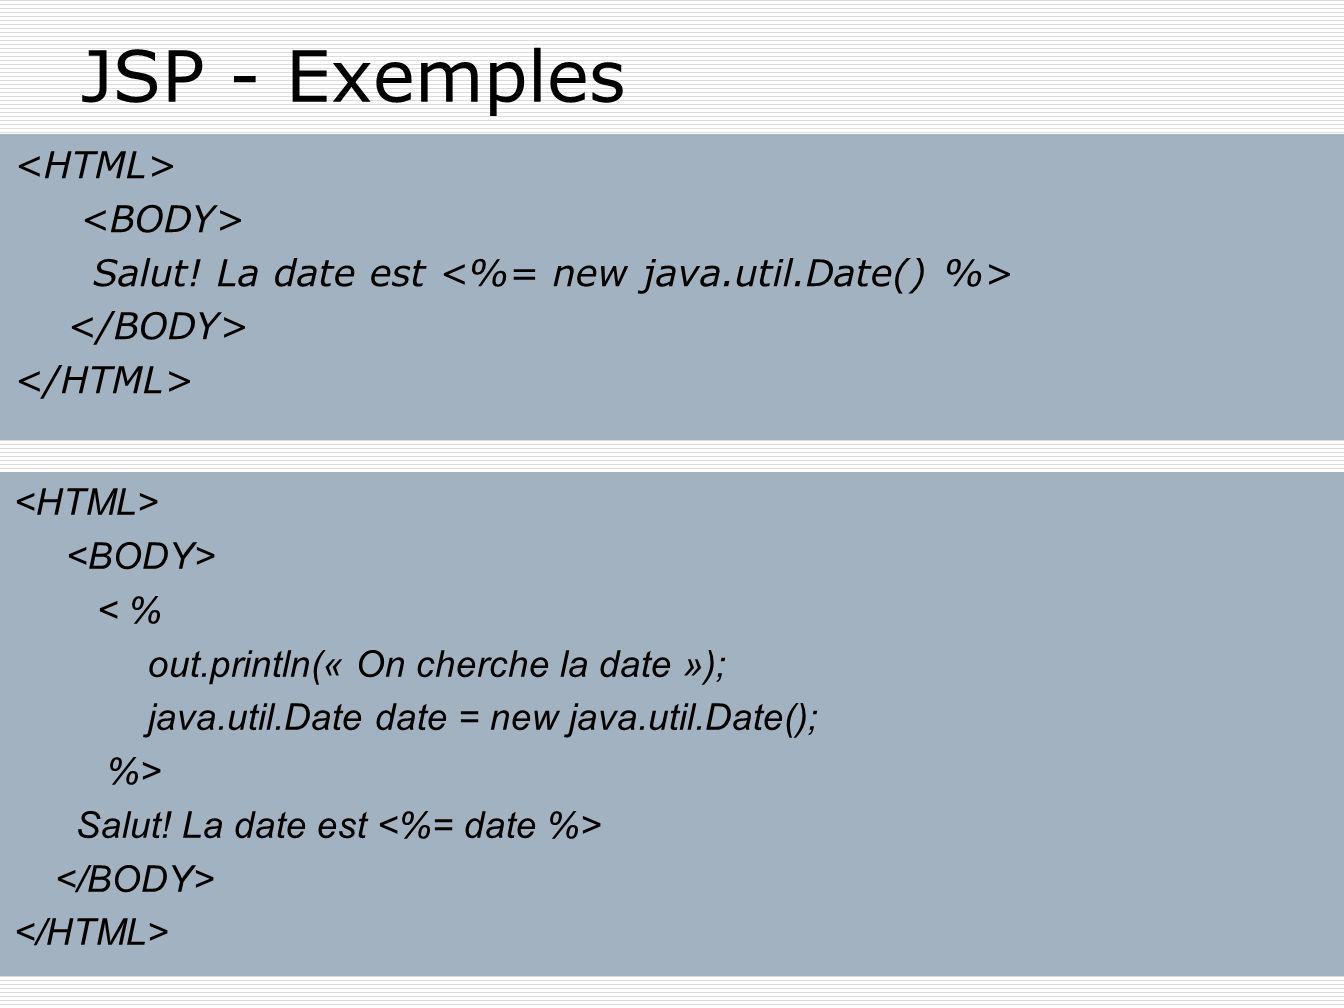 JSP - Exemples Salut! La date est < % out.println(« On cherche la date »); java.util.Date date = new java.util.Date(); %> Salut! La date est